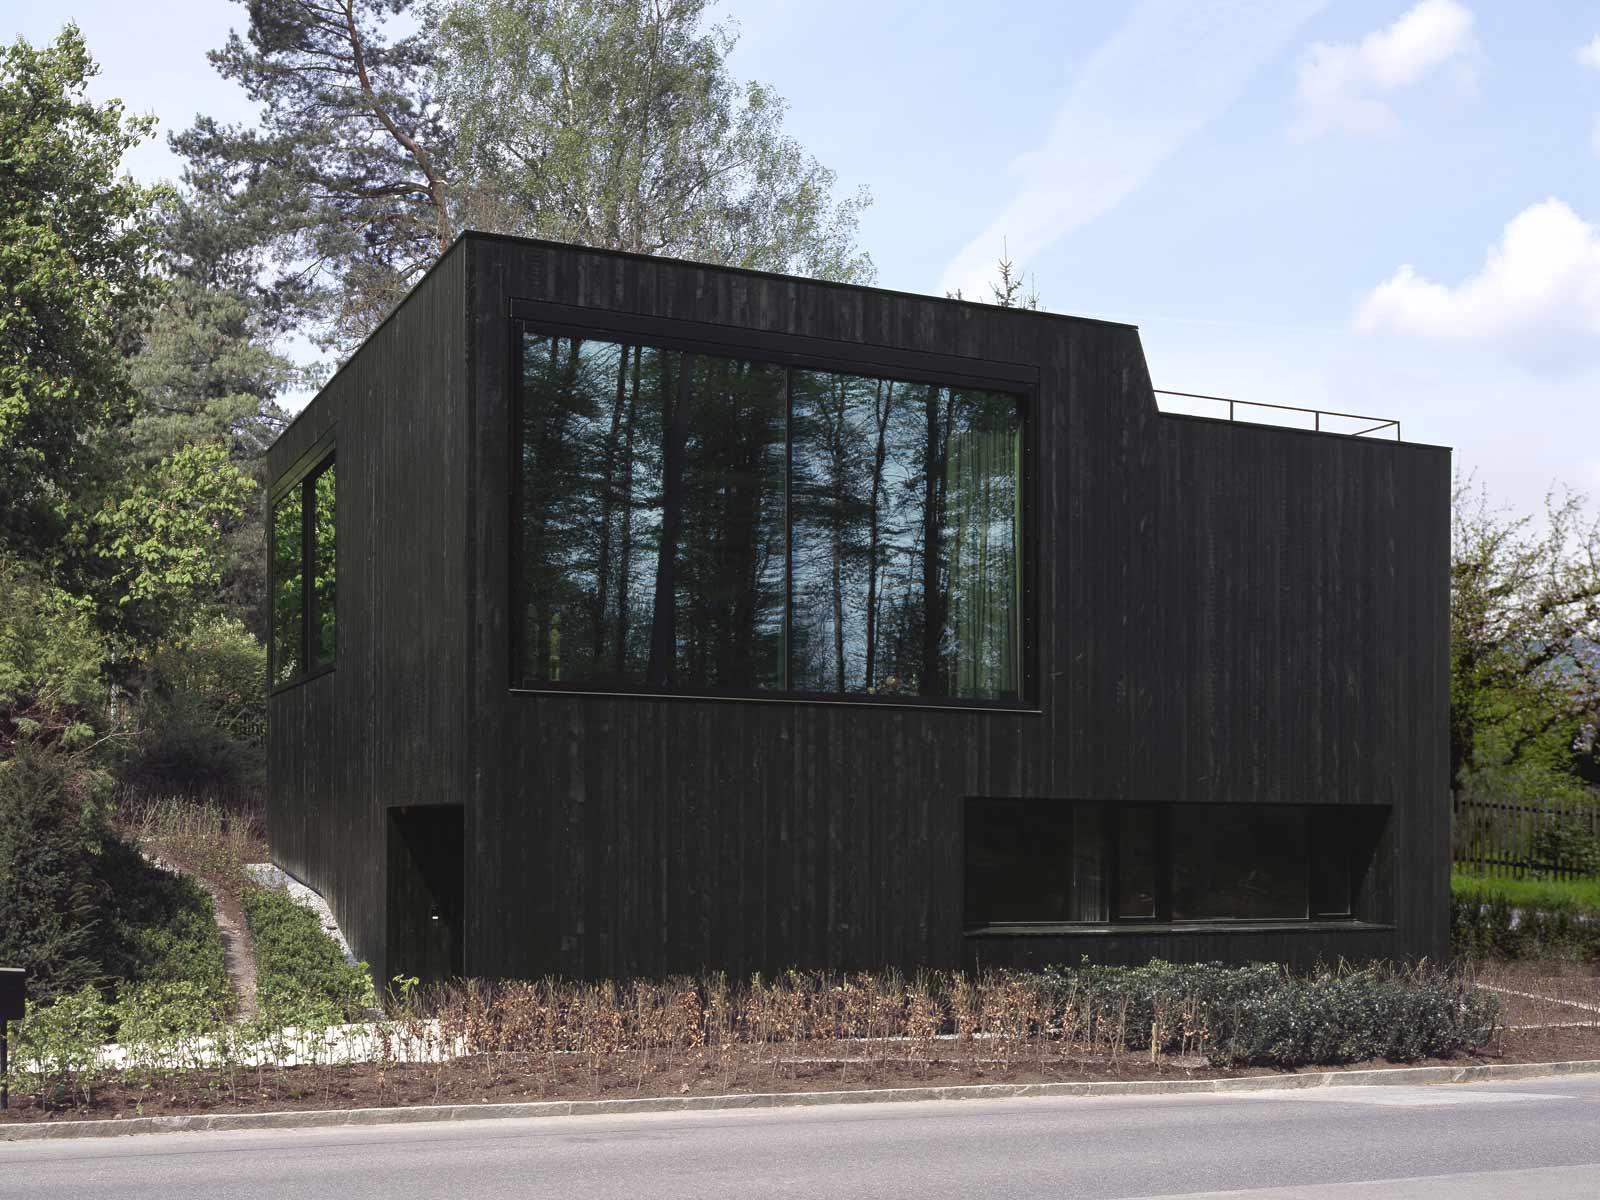 Best architects architektur award schneider schneider architekten tobias sager dipl - Best architectes ...